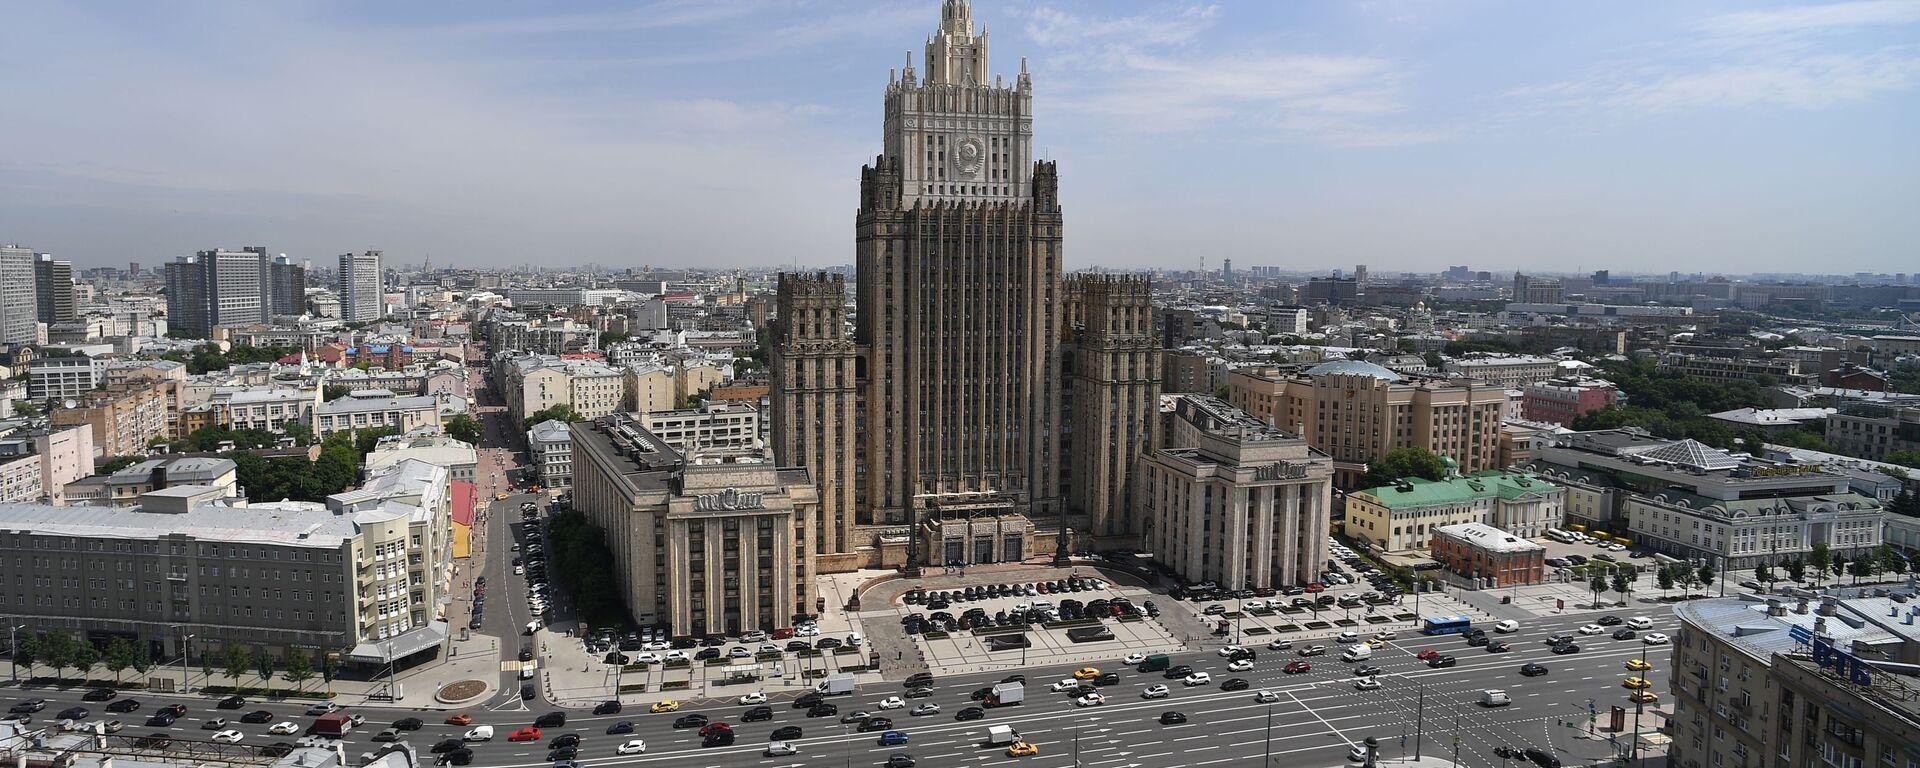 Zgrada Ministarstva spoljnih poslova Rusije u Moskvi - Sputnik Srbija, 1920, 23.07.2021